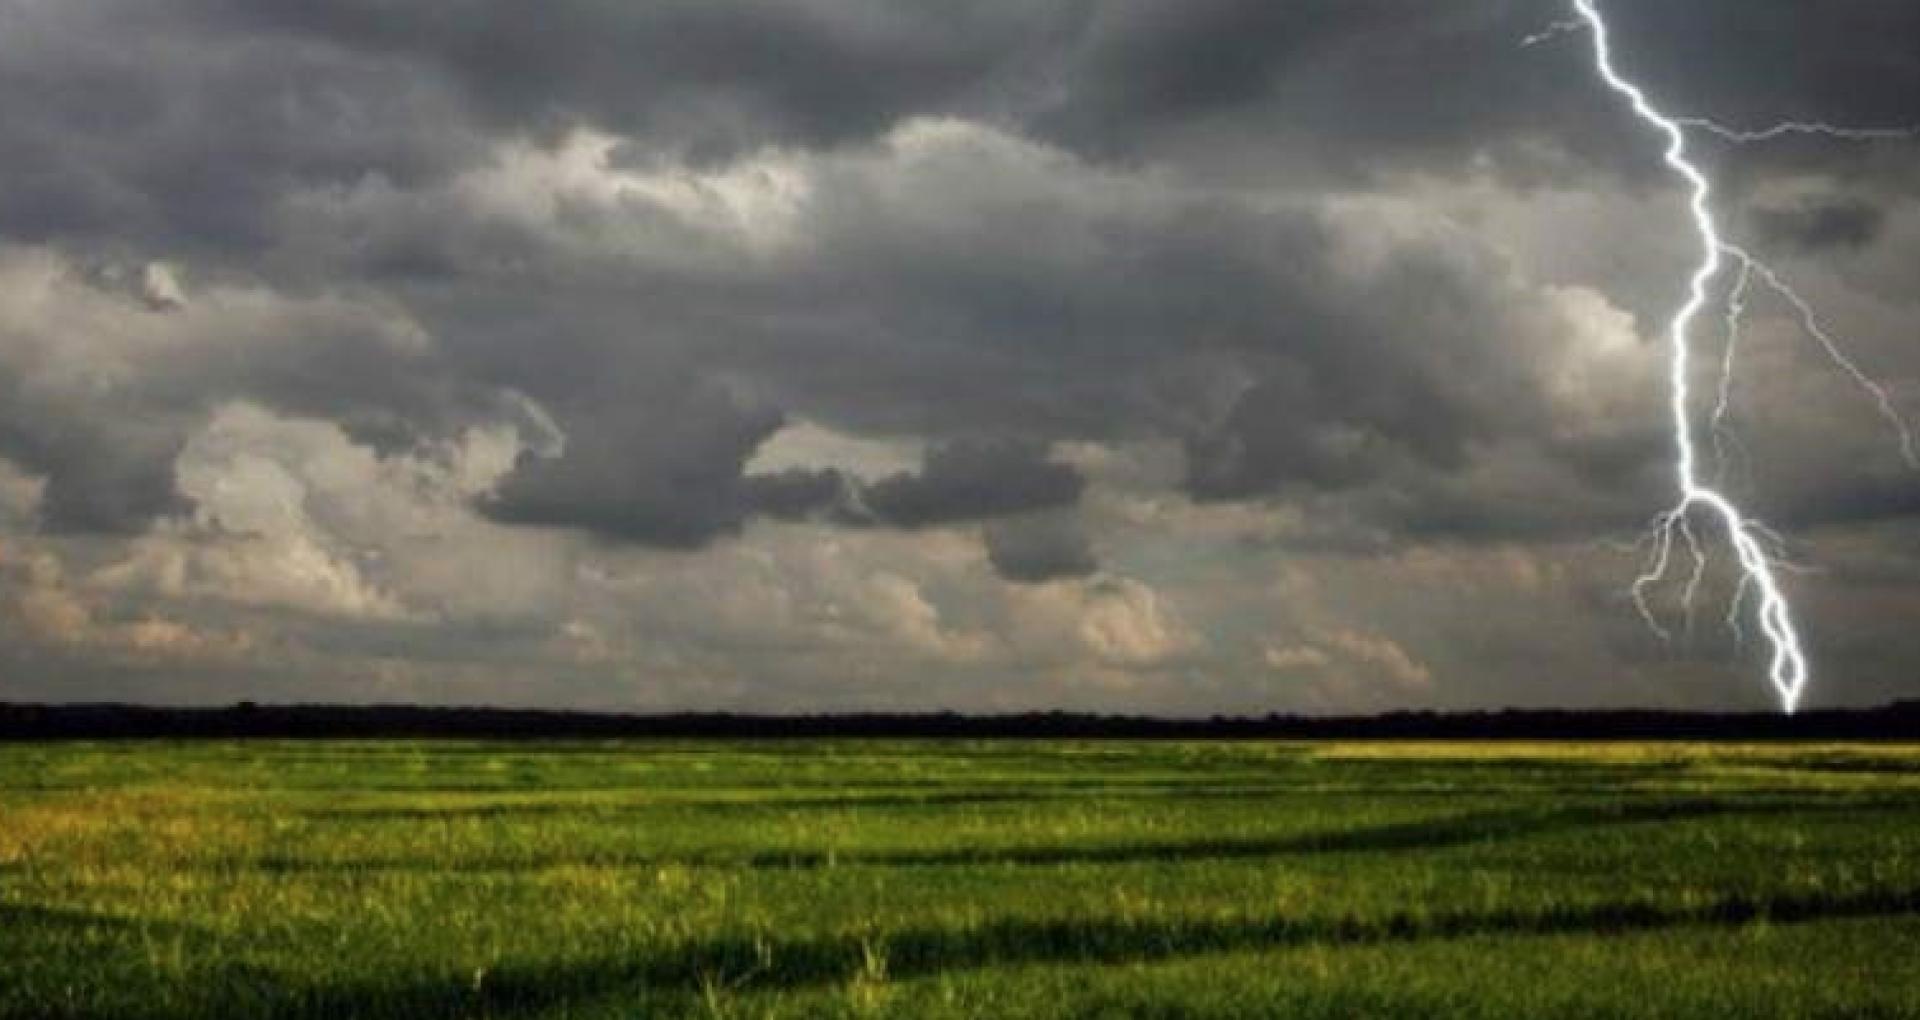 Meteorologii au emis un cod galben de instabilitate atmosferică